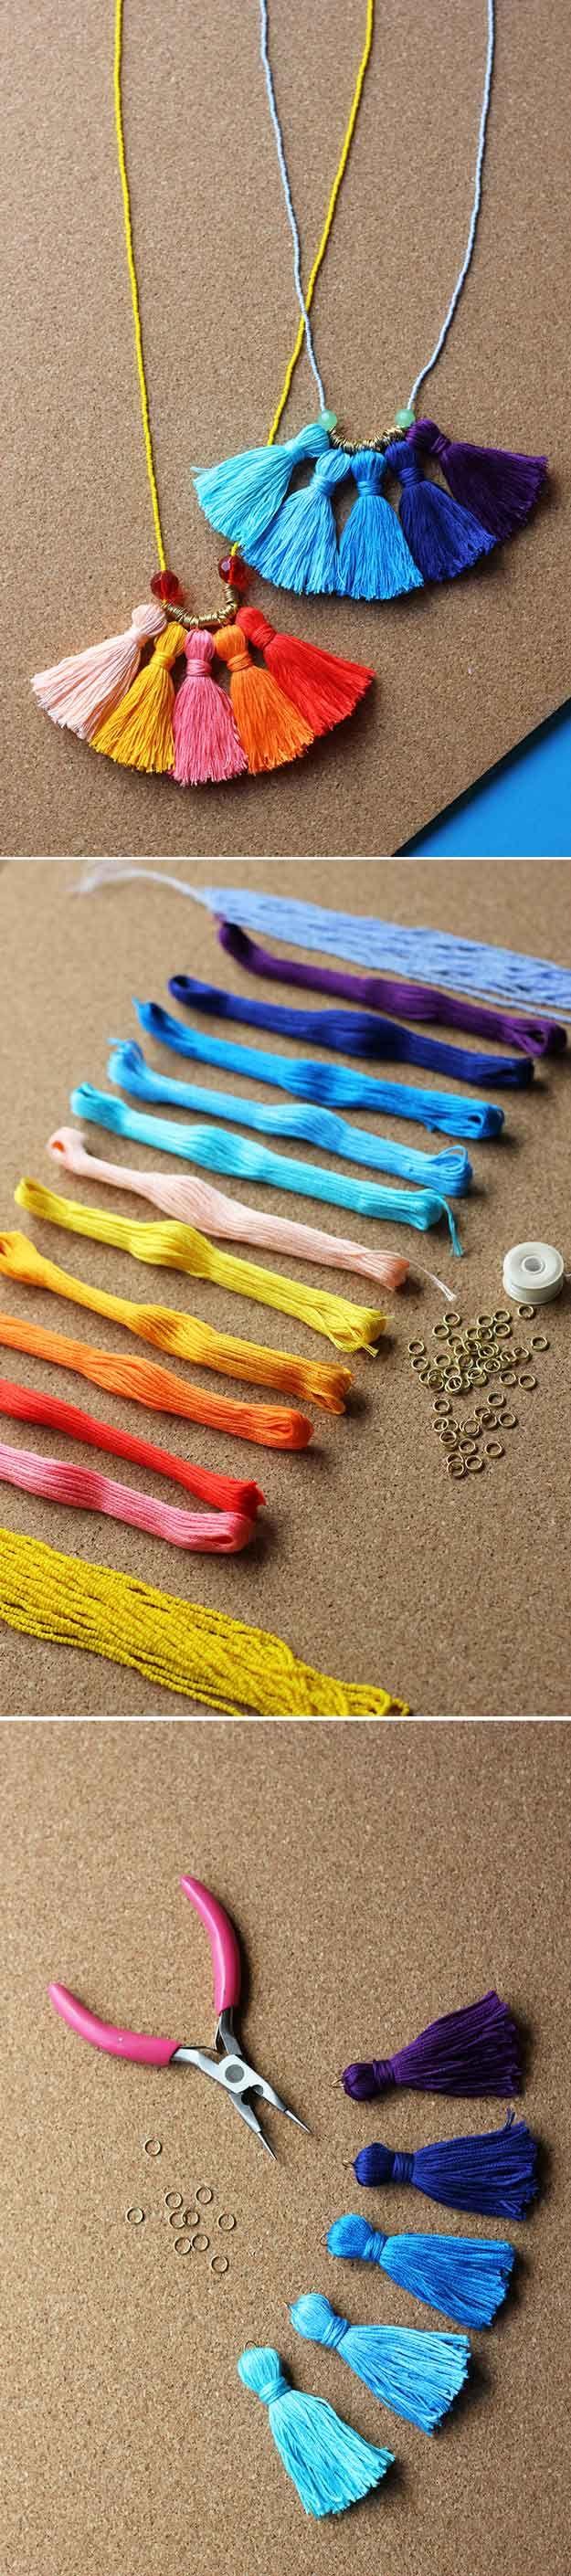 Tutorial de la joyería DIY lindo y fácil a muchachas   http://artesaniasdebricolaje.ru/cheap-diy-jewelry-projects-for-girls/